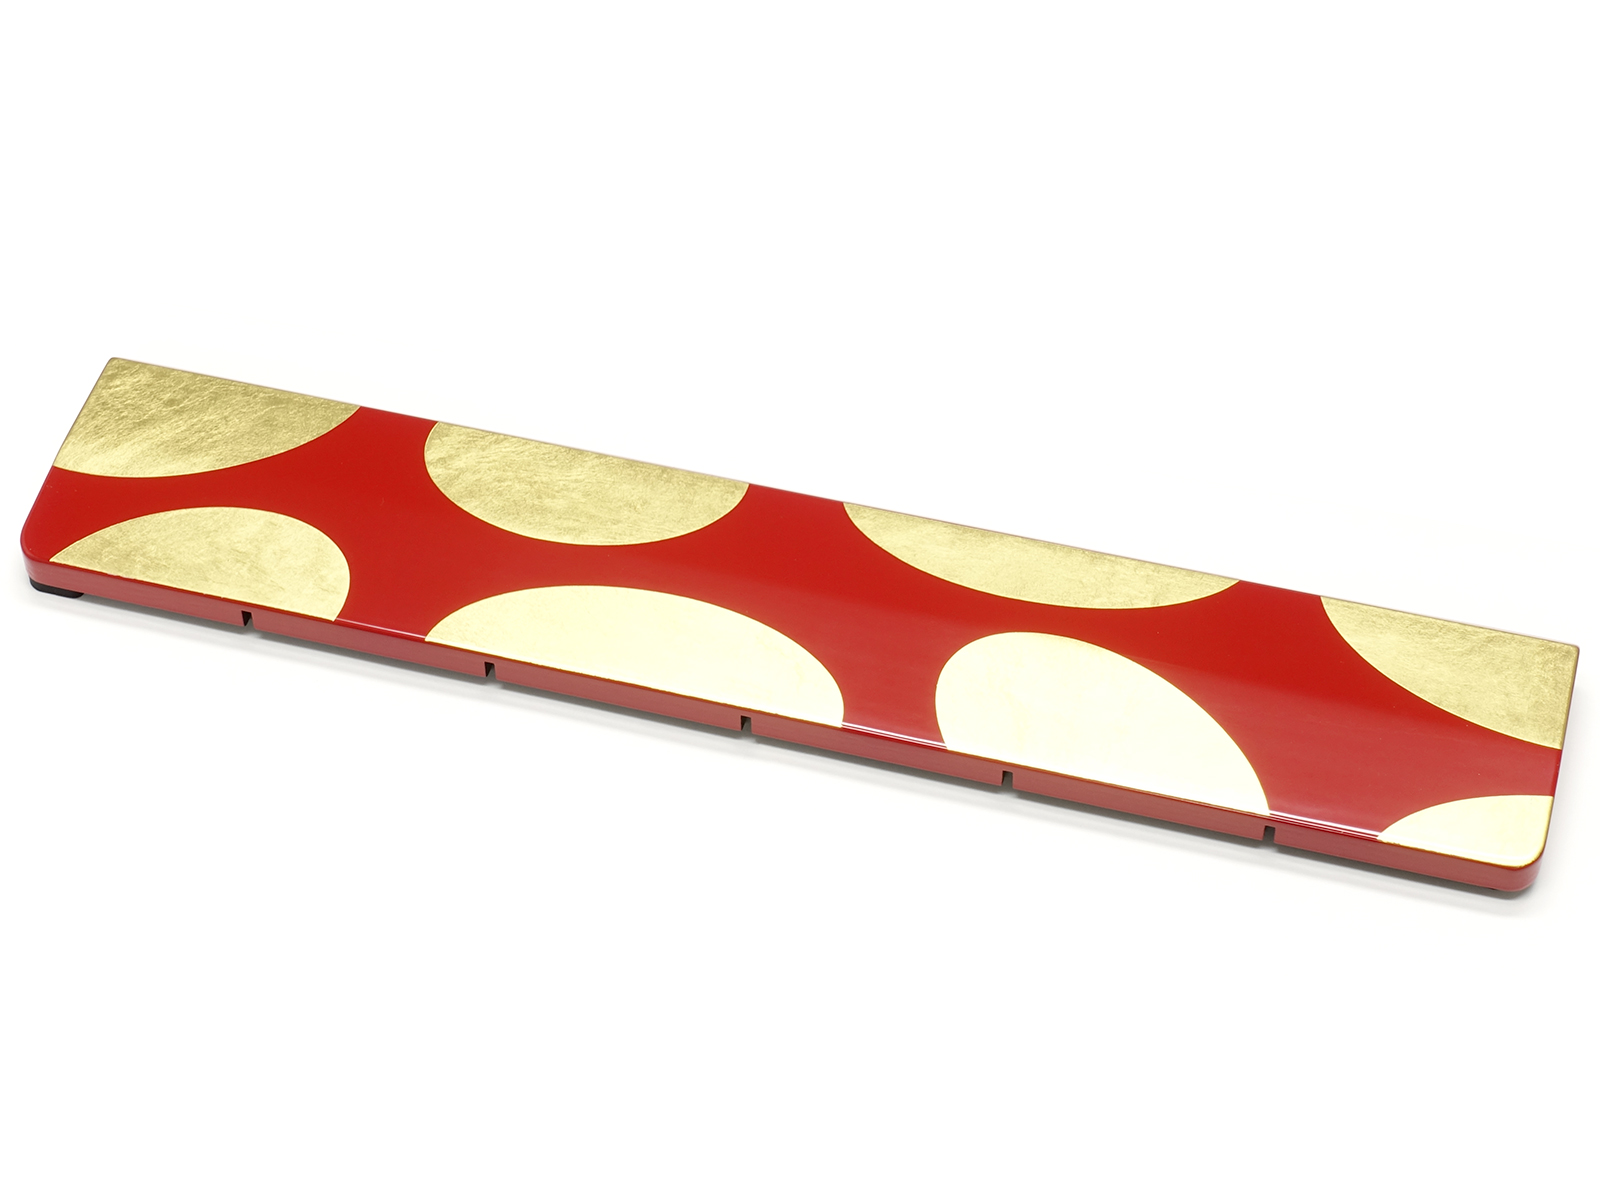 手托-金箔斑纹-image01_GDT